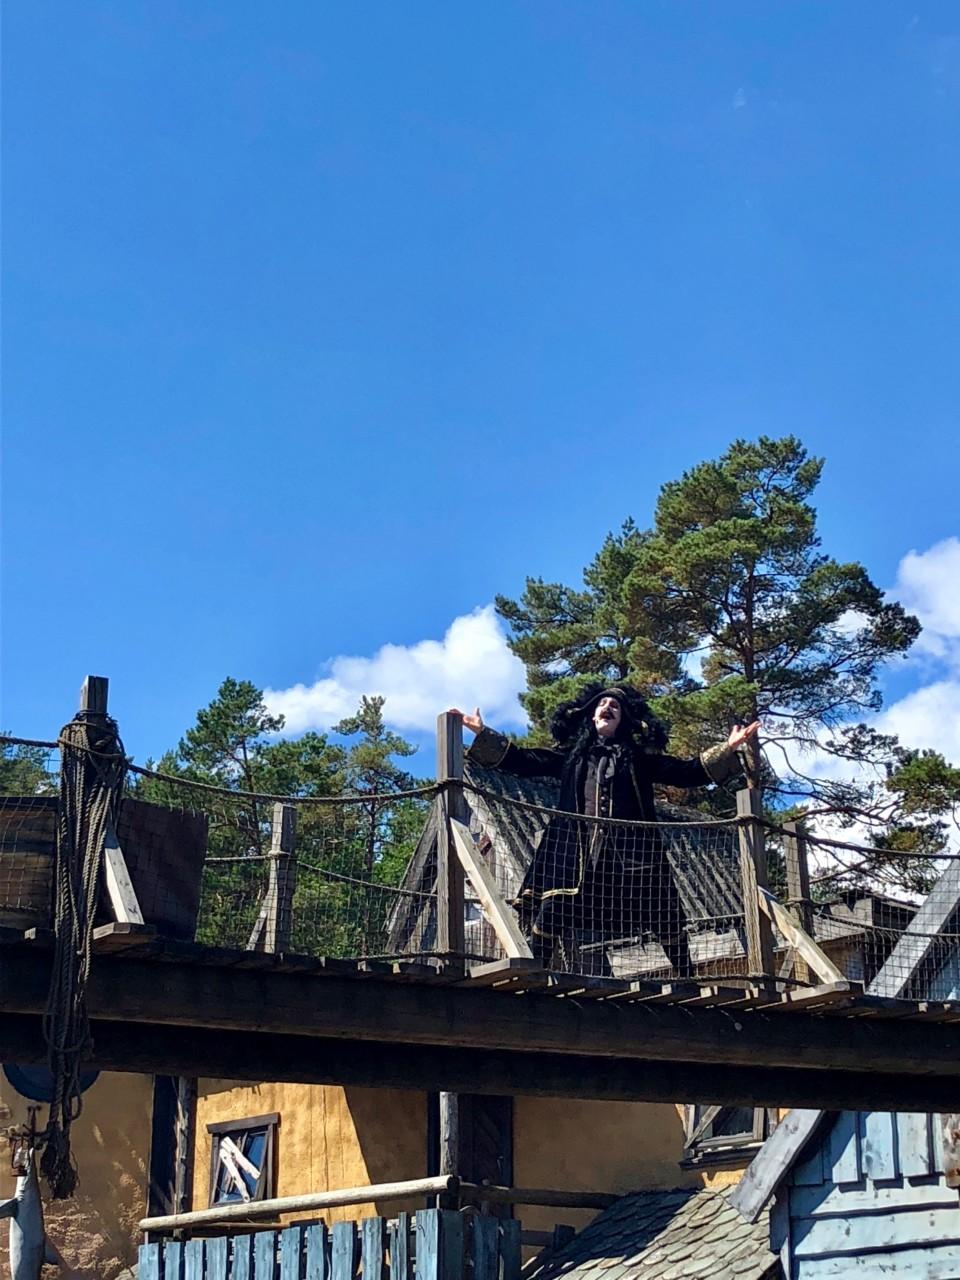 kaptein-sabeltann-dyreparken-kristiansand-green-house